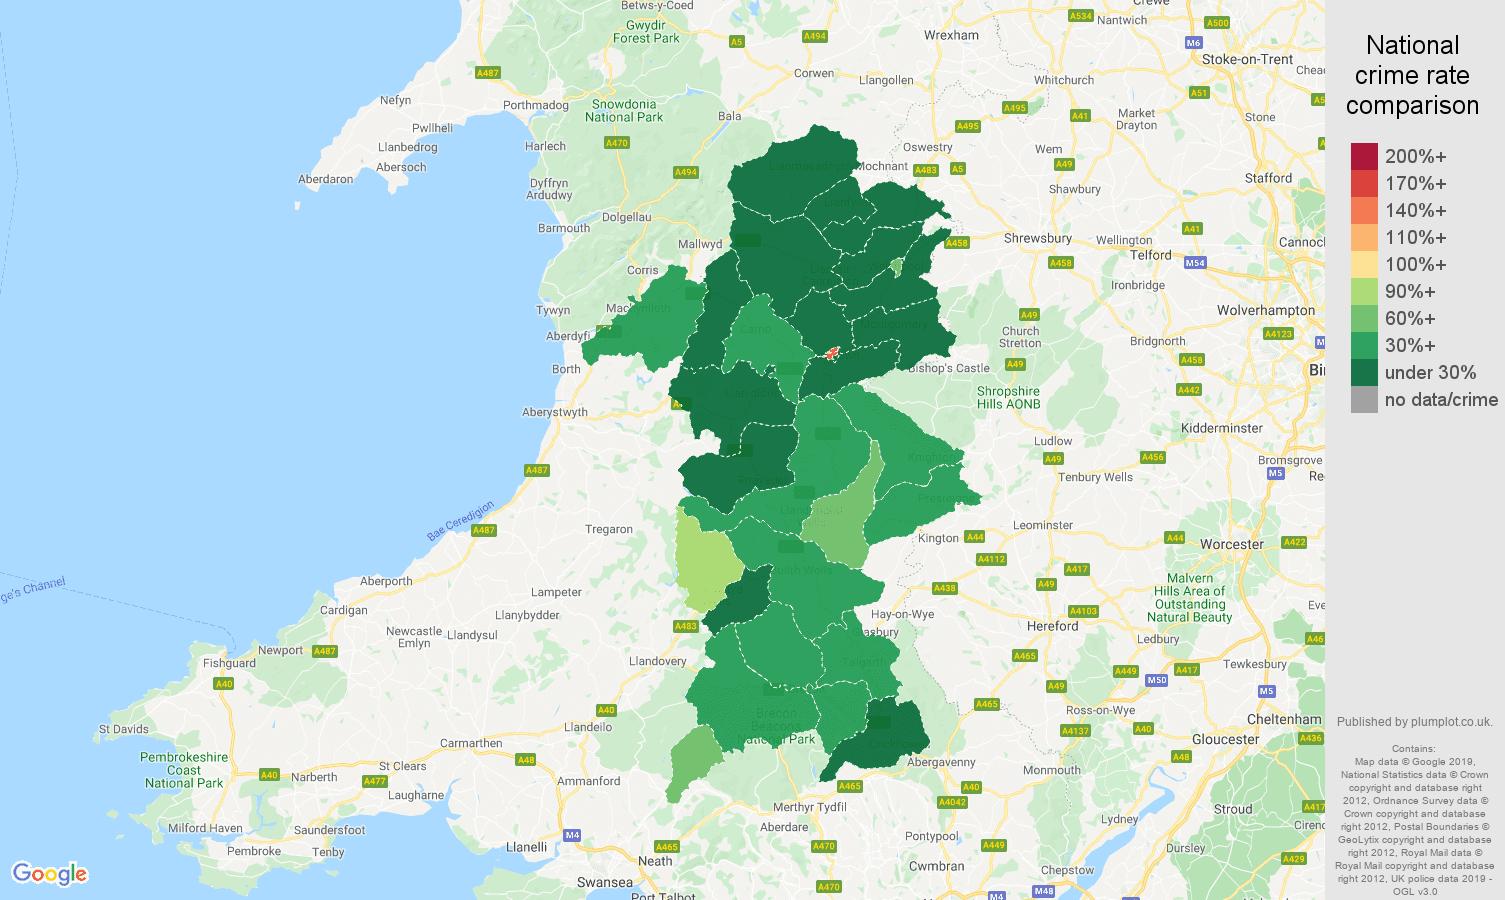 Powys public order crime rate comparison map